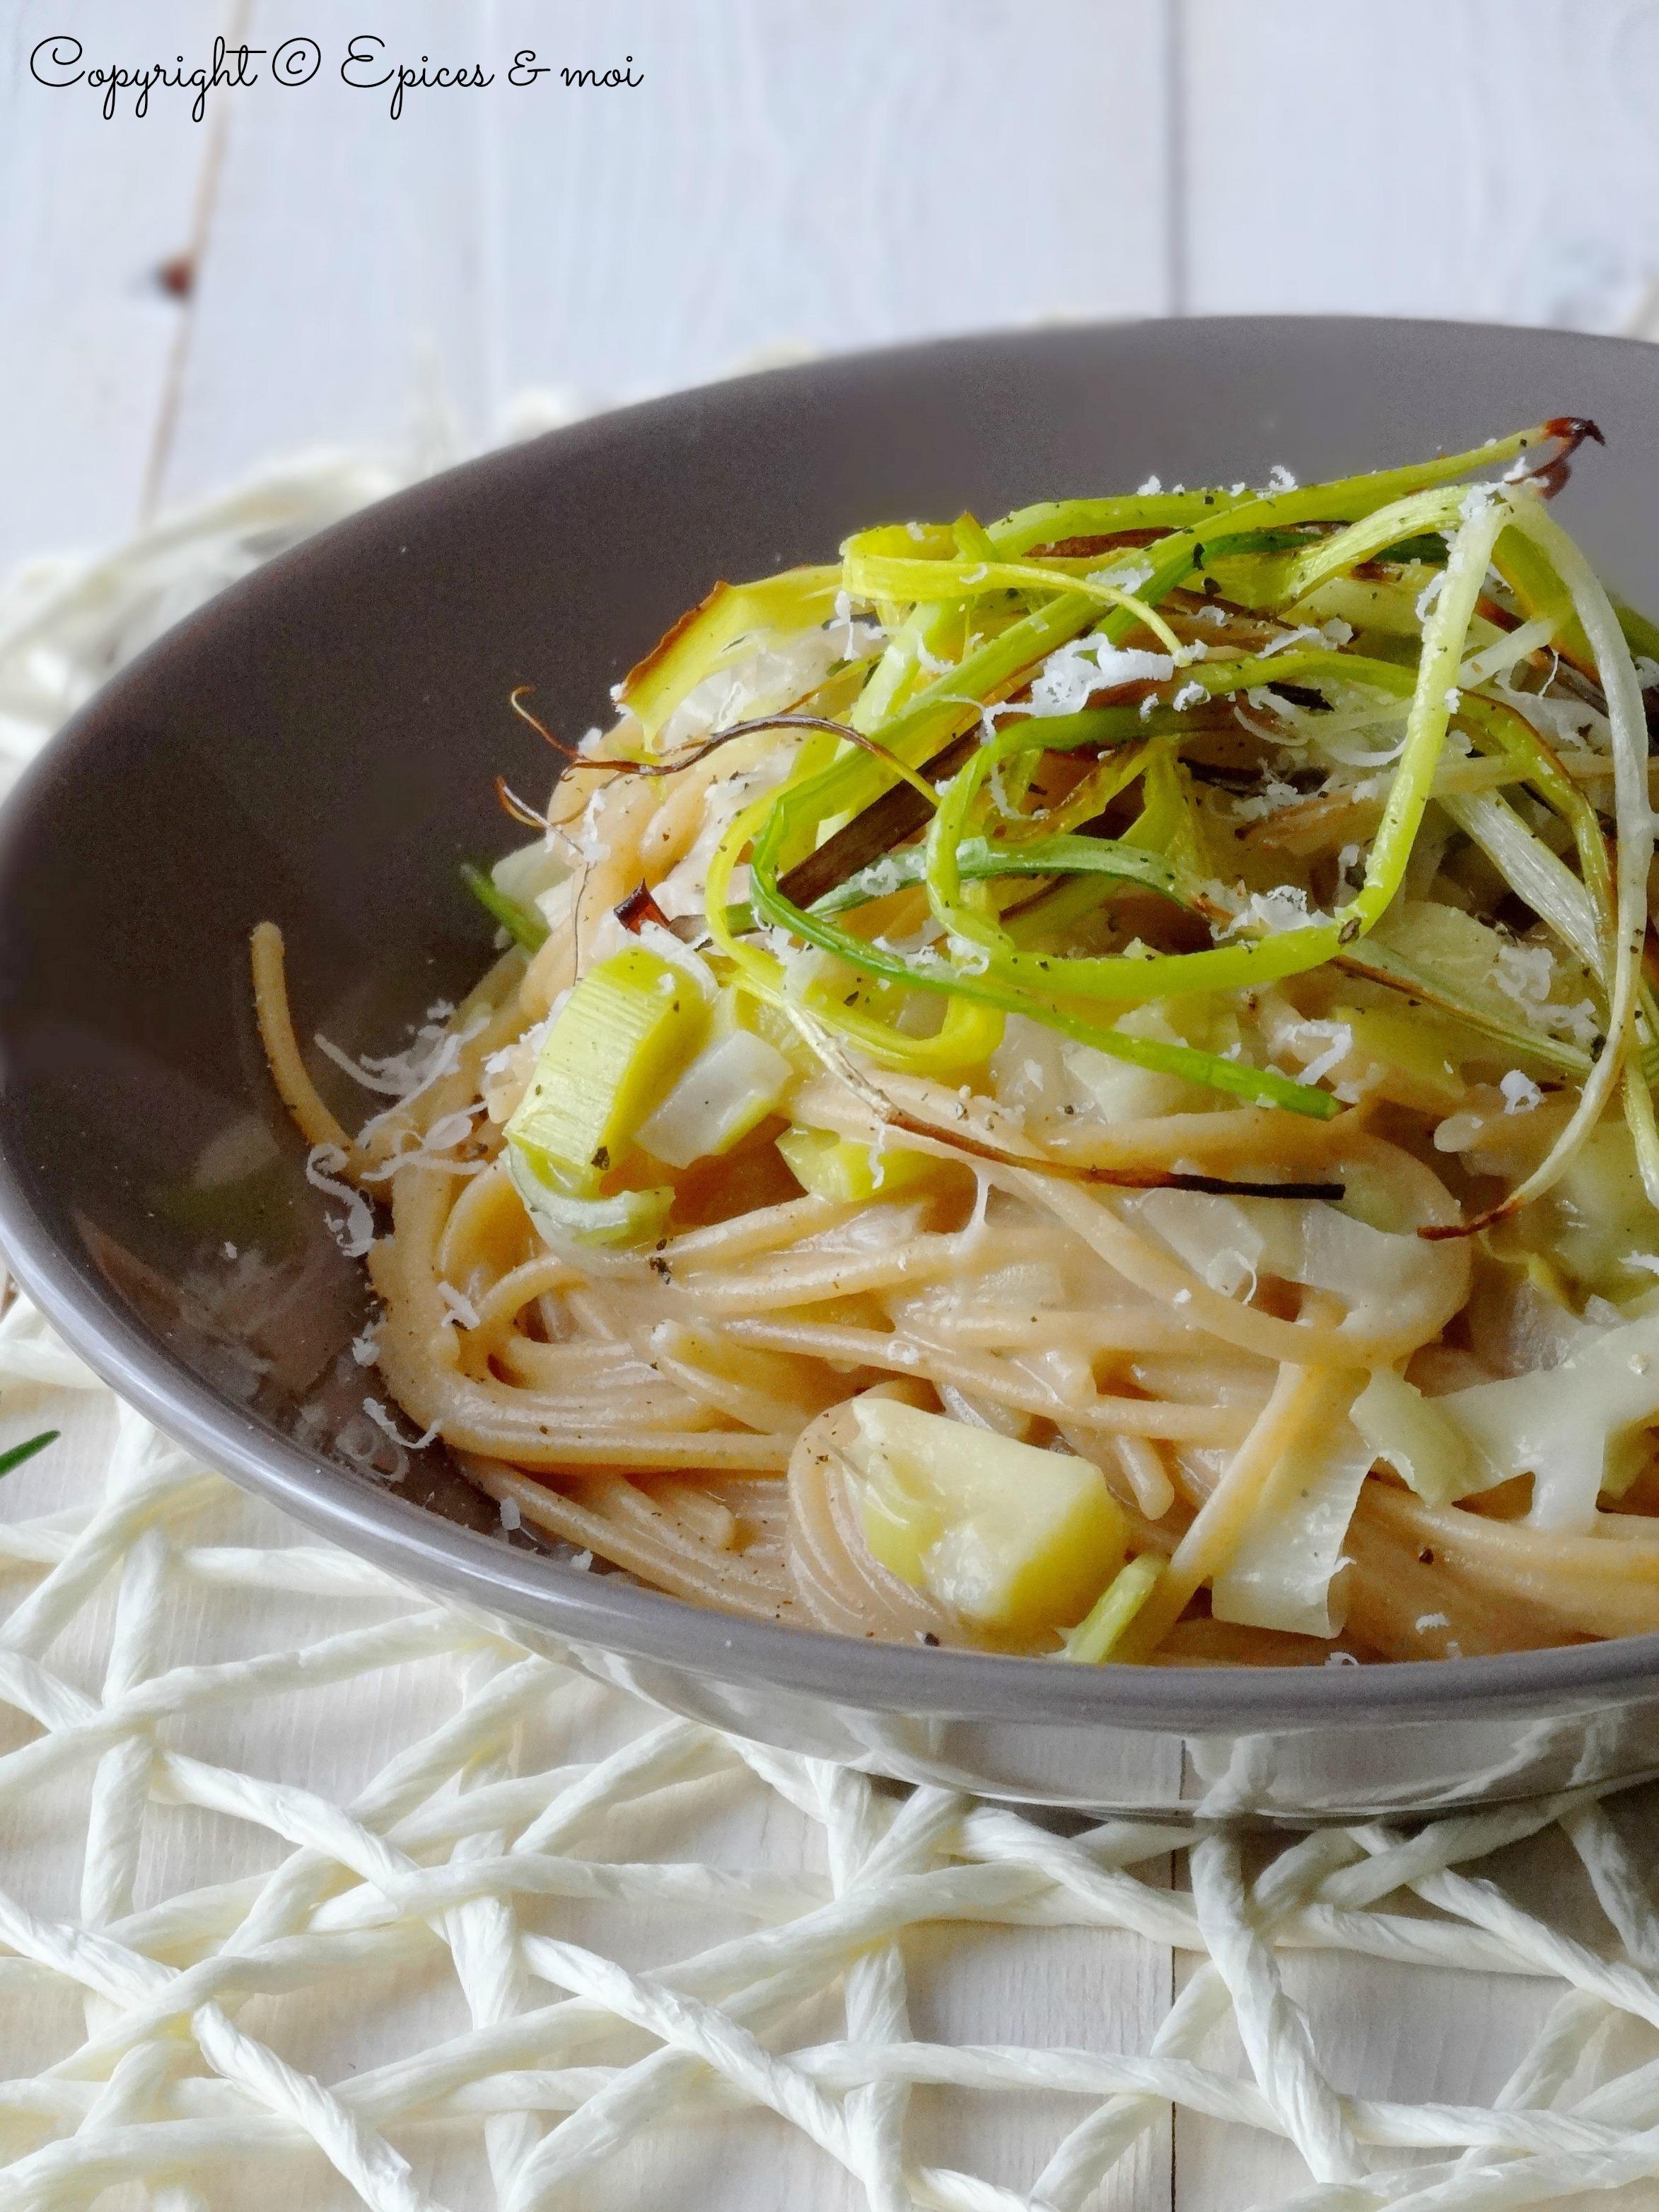 Epices & moi Spaghetti échalotes poireaux 7